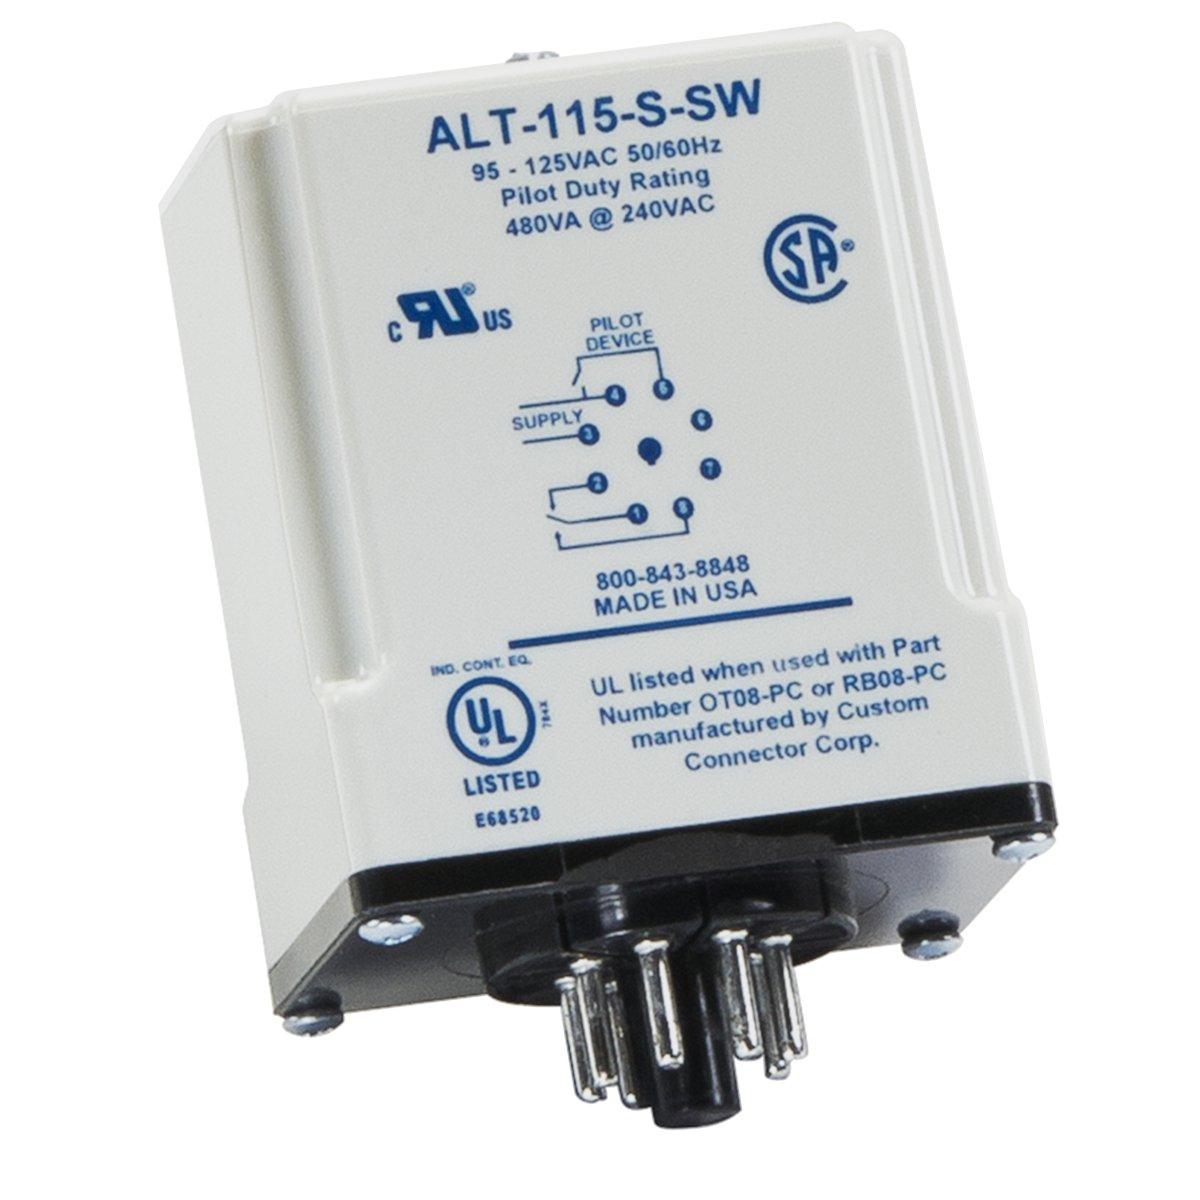 SymCom MotorSaver Alternating Relay with Switch, Model ALT115-S-SW, 95-125V, 8-Pin Octal Base by Symcom